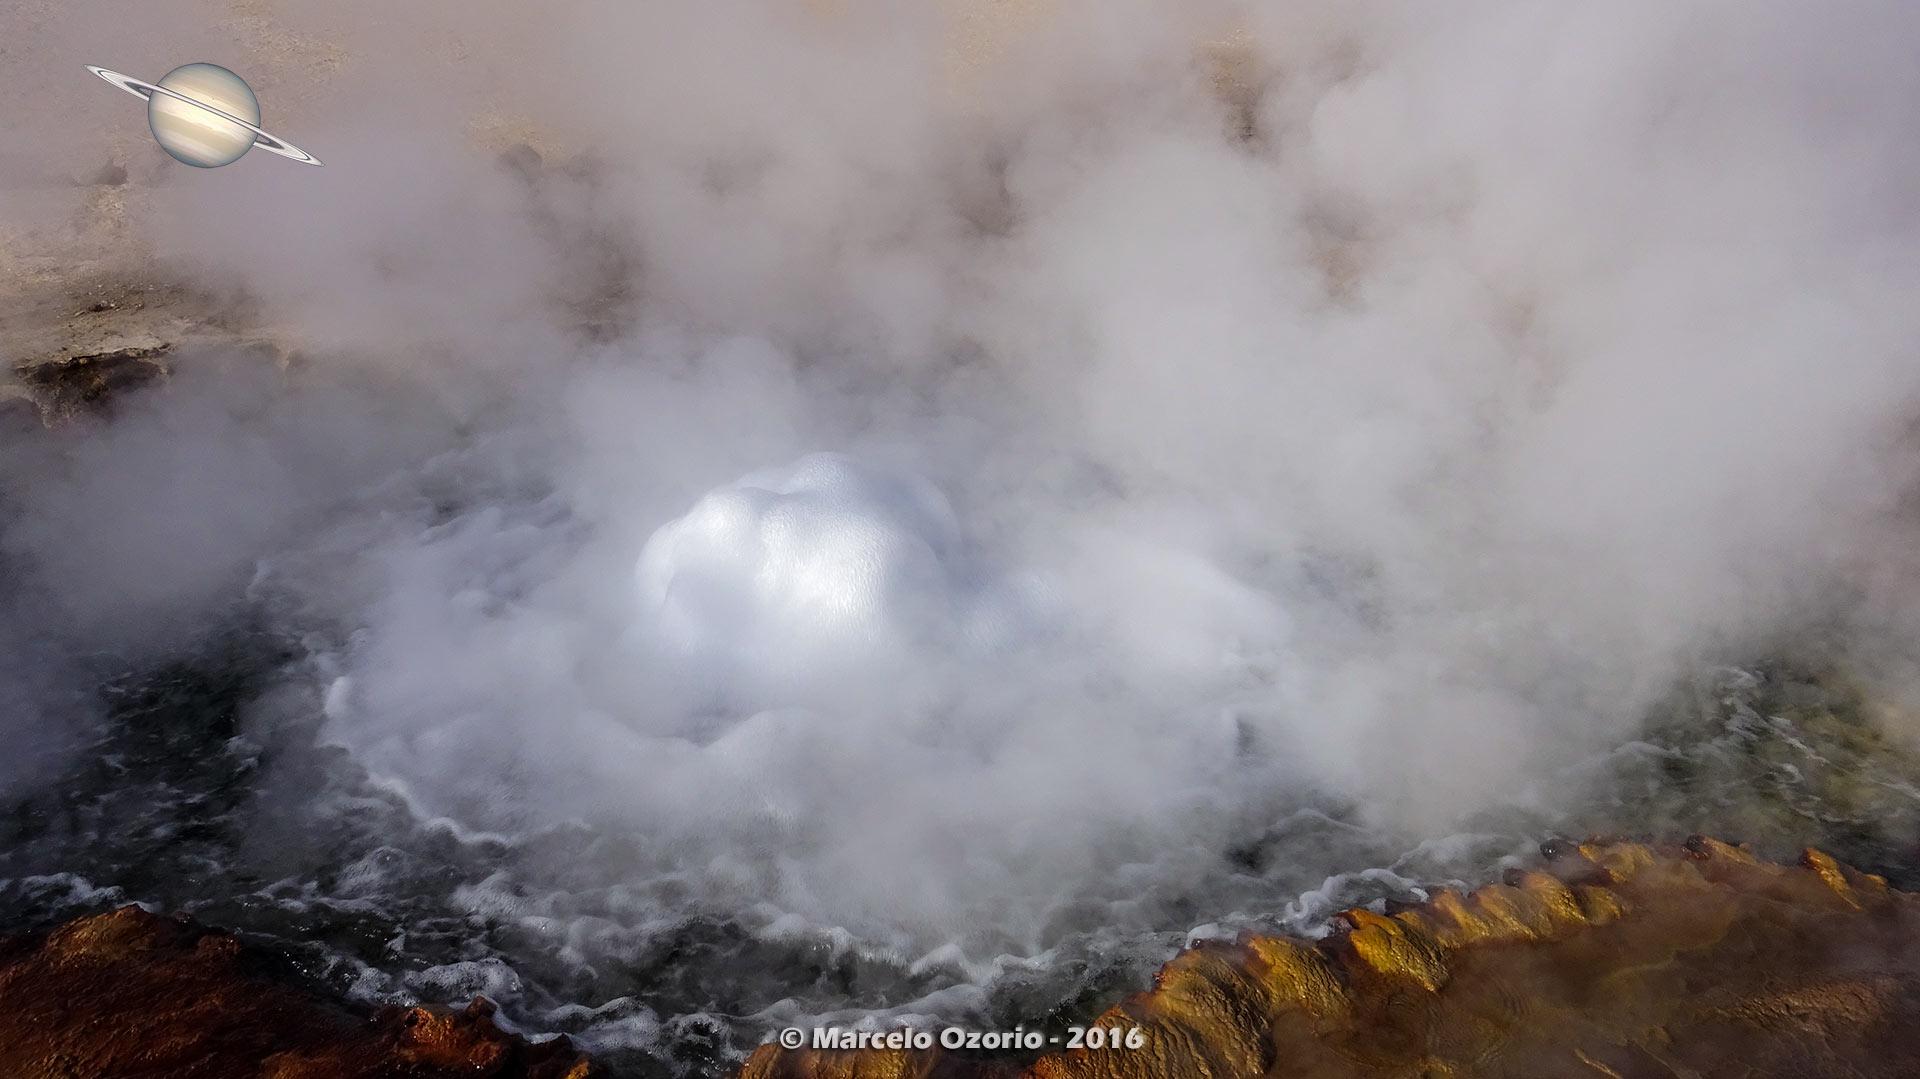 el tatio geysers atacama desert 30 - The Surreal El Tatio Geysers - Atacama Desert - Chile